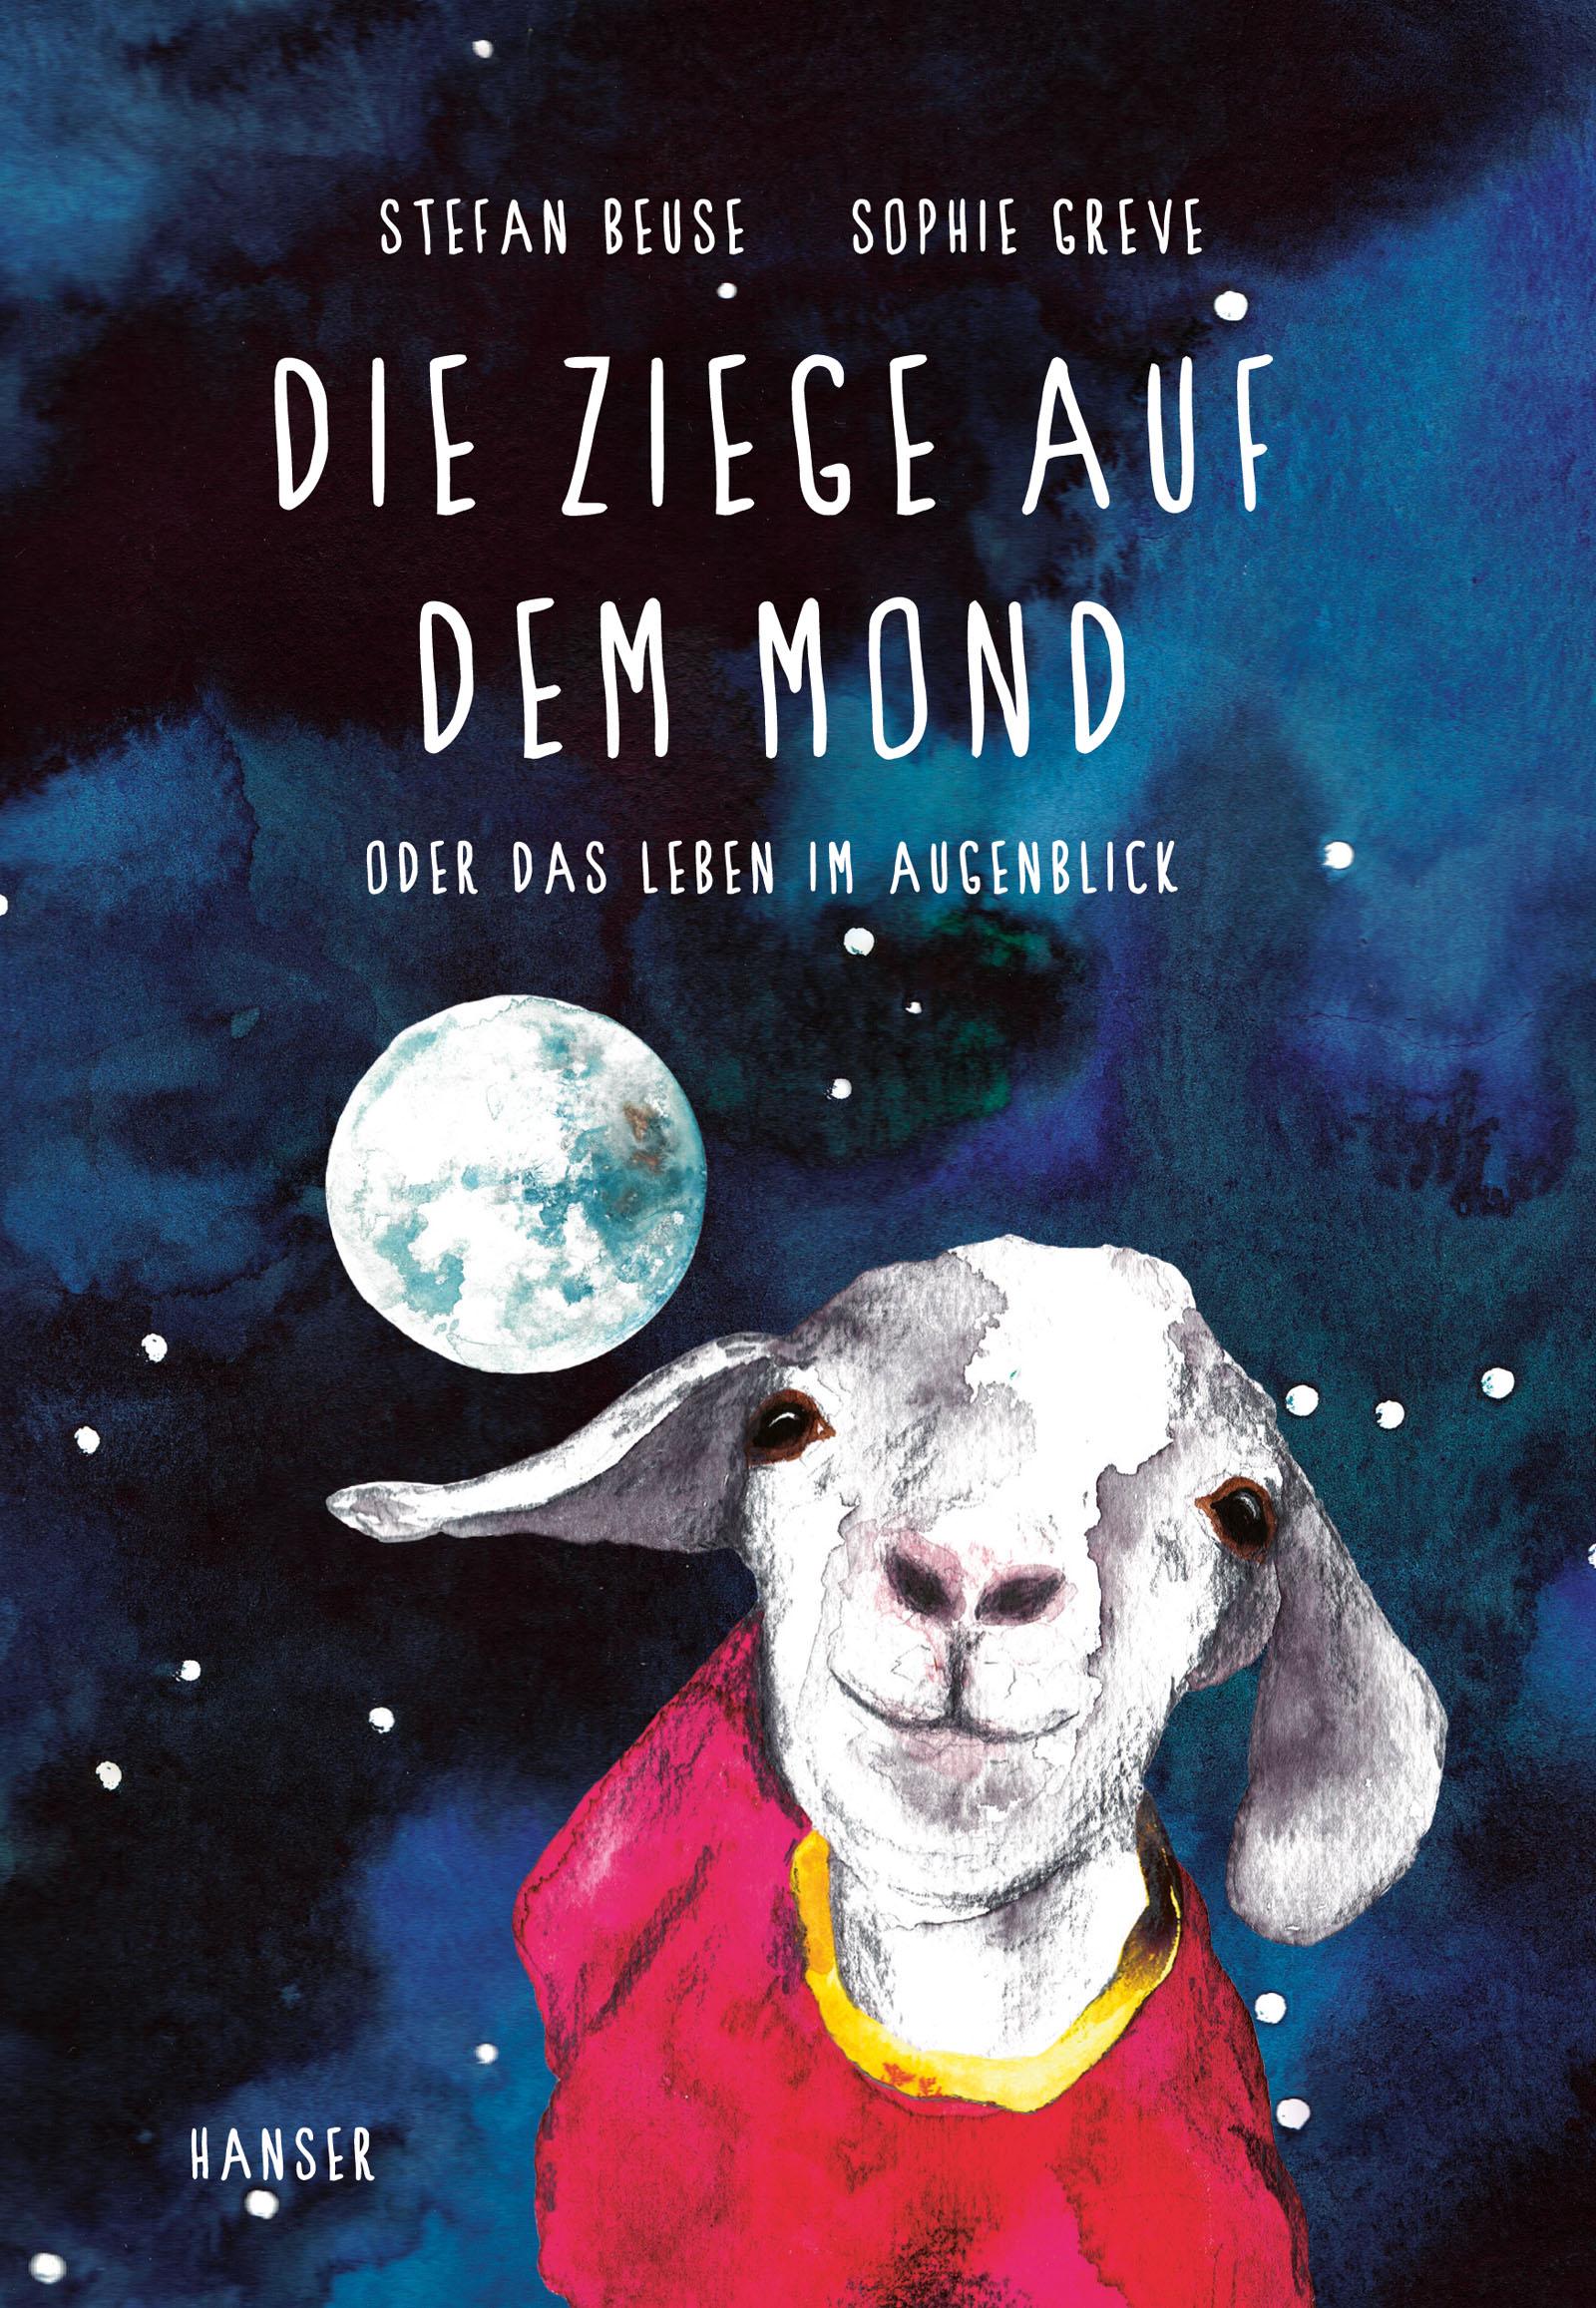 https://www.hanser-literaturverlage.de/buch/die-ziege-auf-dem-mond/978-3-446-26050-4/